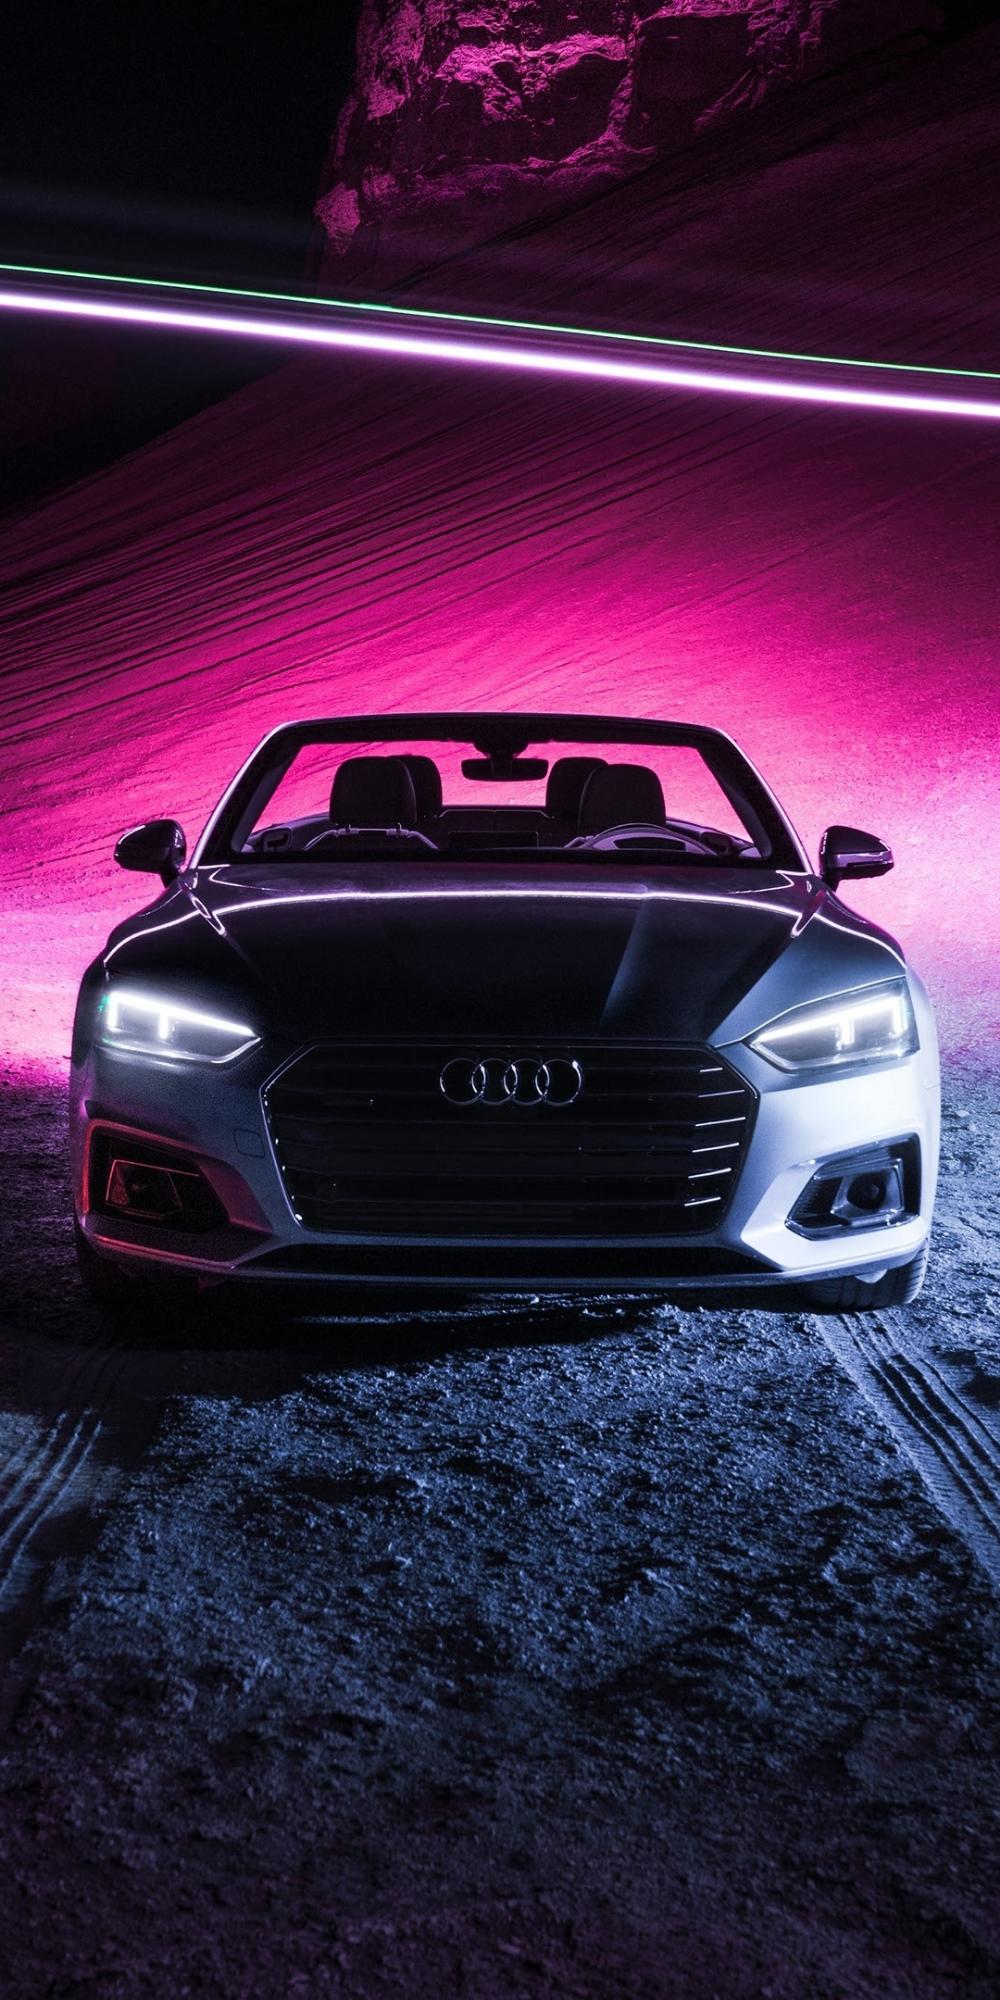 1080x2160 Audi A5 Cabriolet Sports Car Wallpaper Audi A5 A5 Cabriolet Sports Car Wallpaper